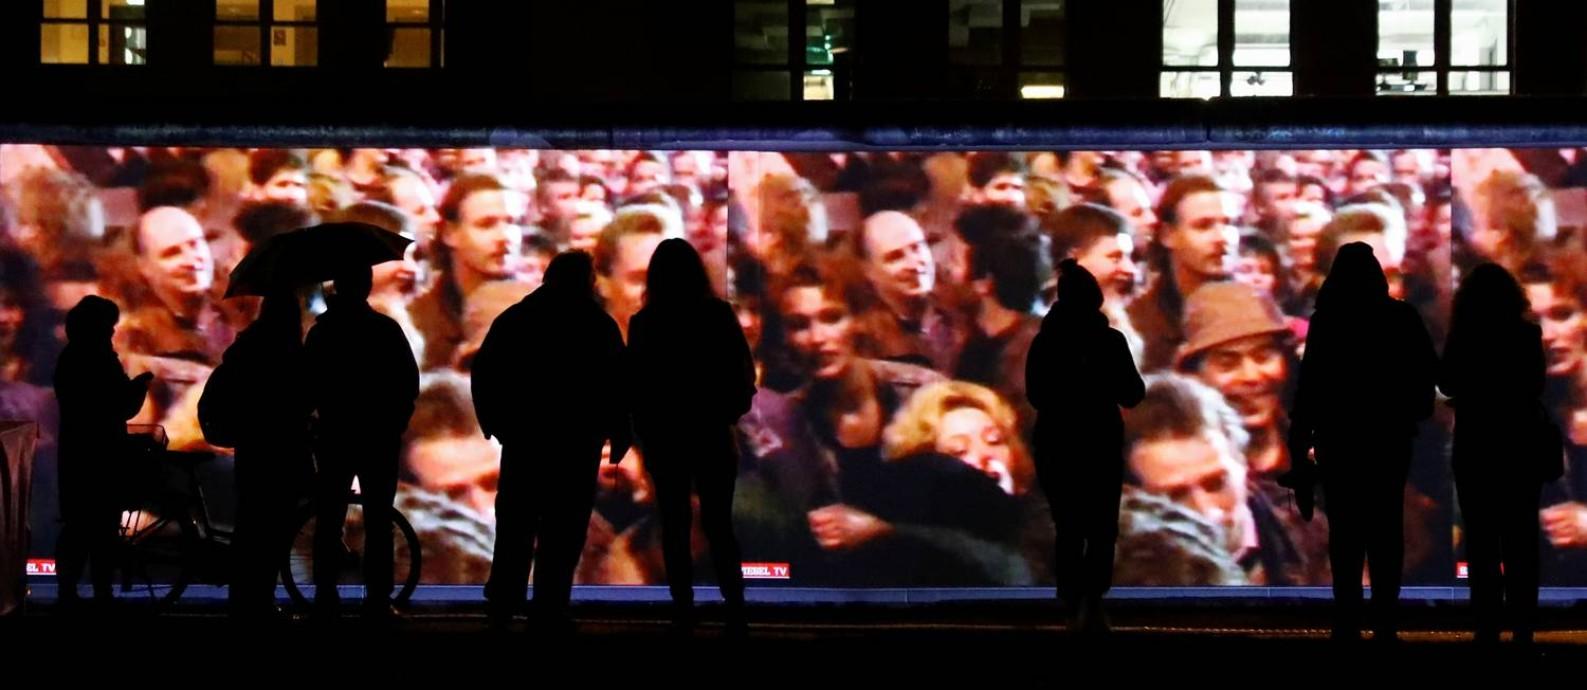 Pessoas assistem a uma projeção de imagens de protestos em 1989, em trecho remanescente do Muro de Berlim, nas comemorações dos 30 anos da queda da barreira Foto: FABRIZIO BENSCH / REUTERS/4-11-1989